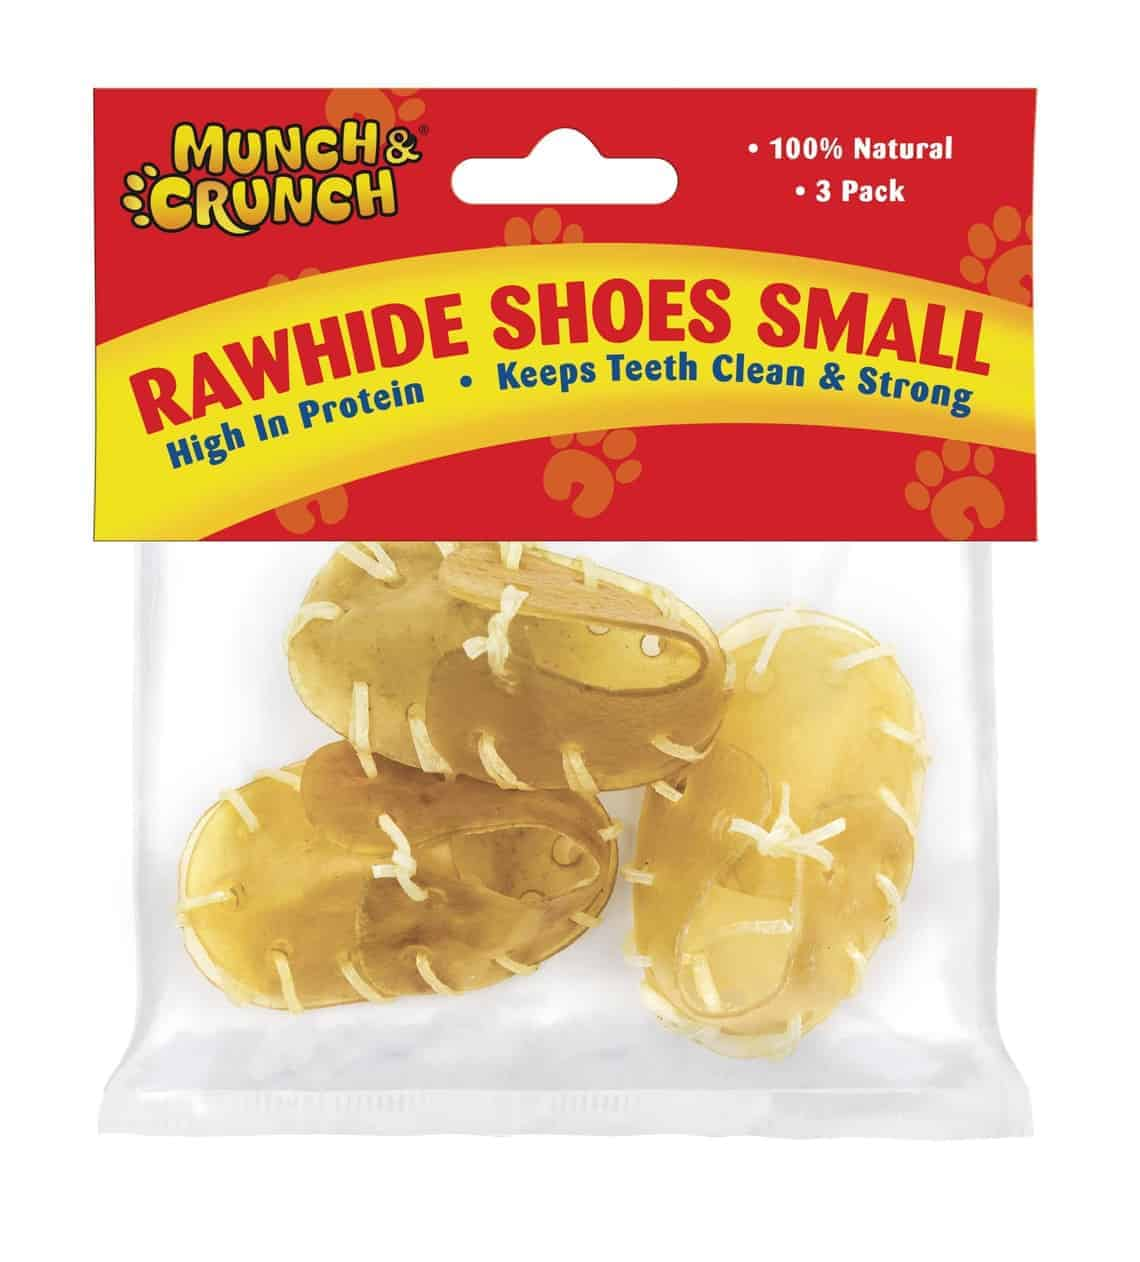 Munch Crunch Rawhide Shoes - 3 Pk